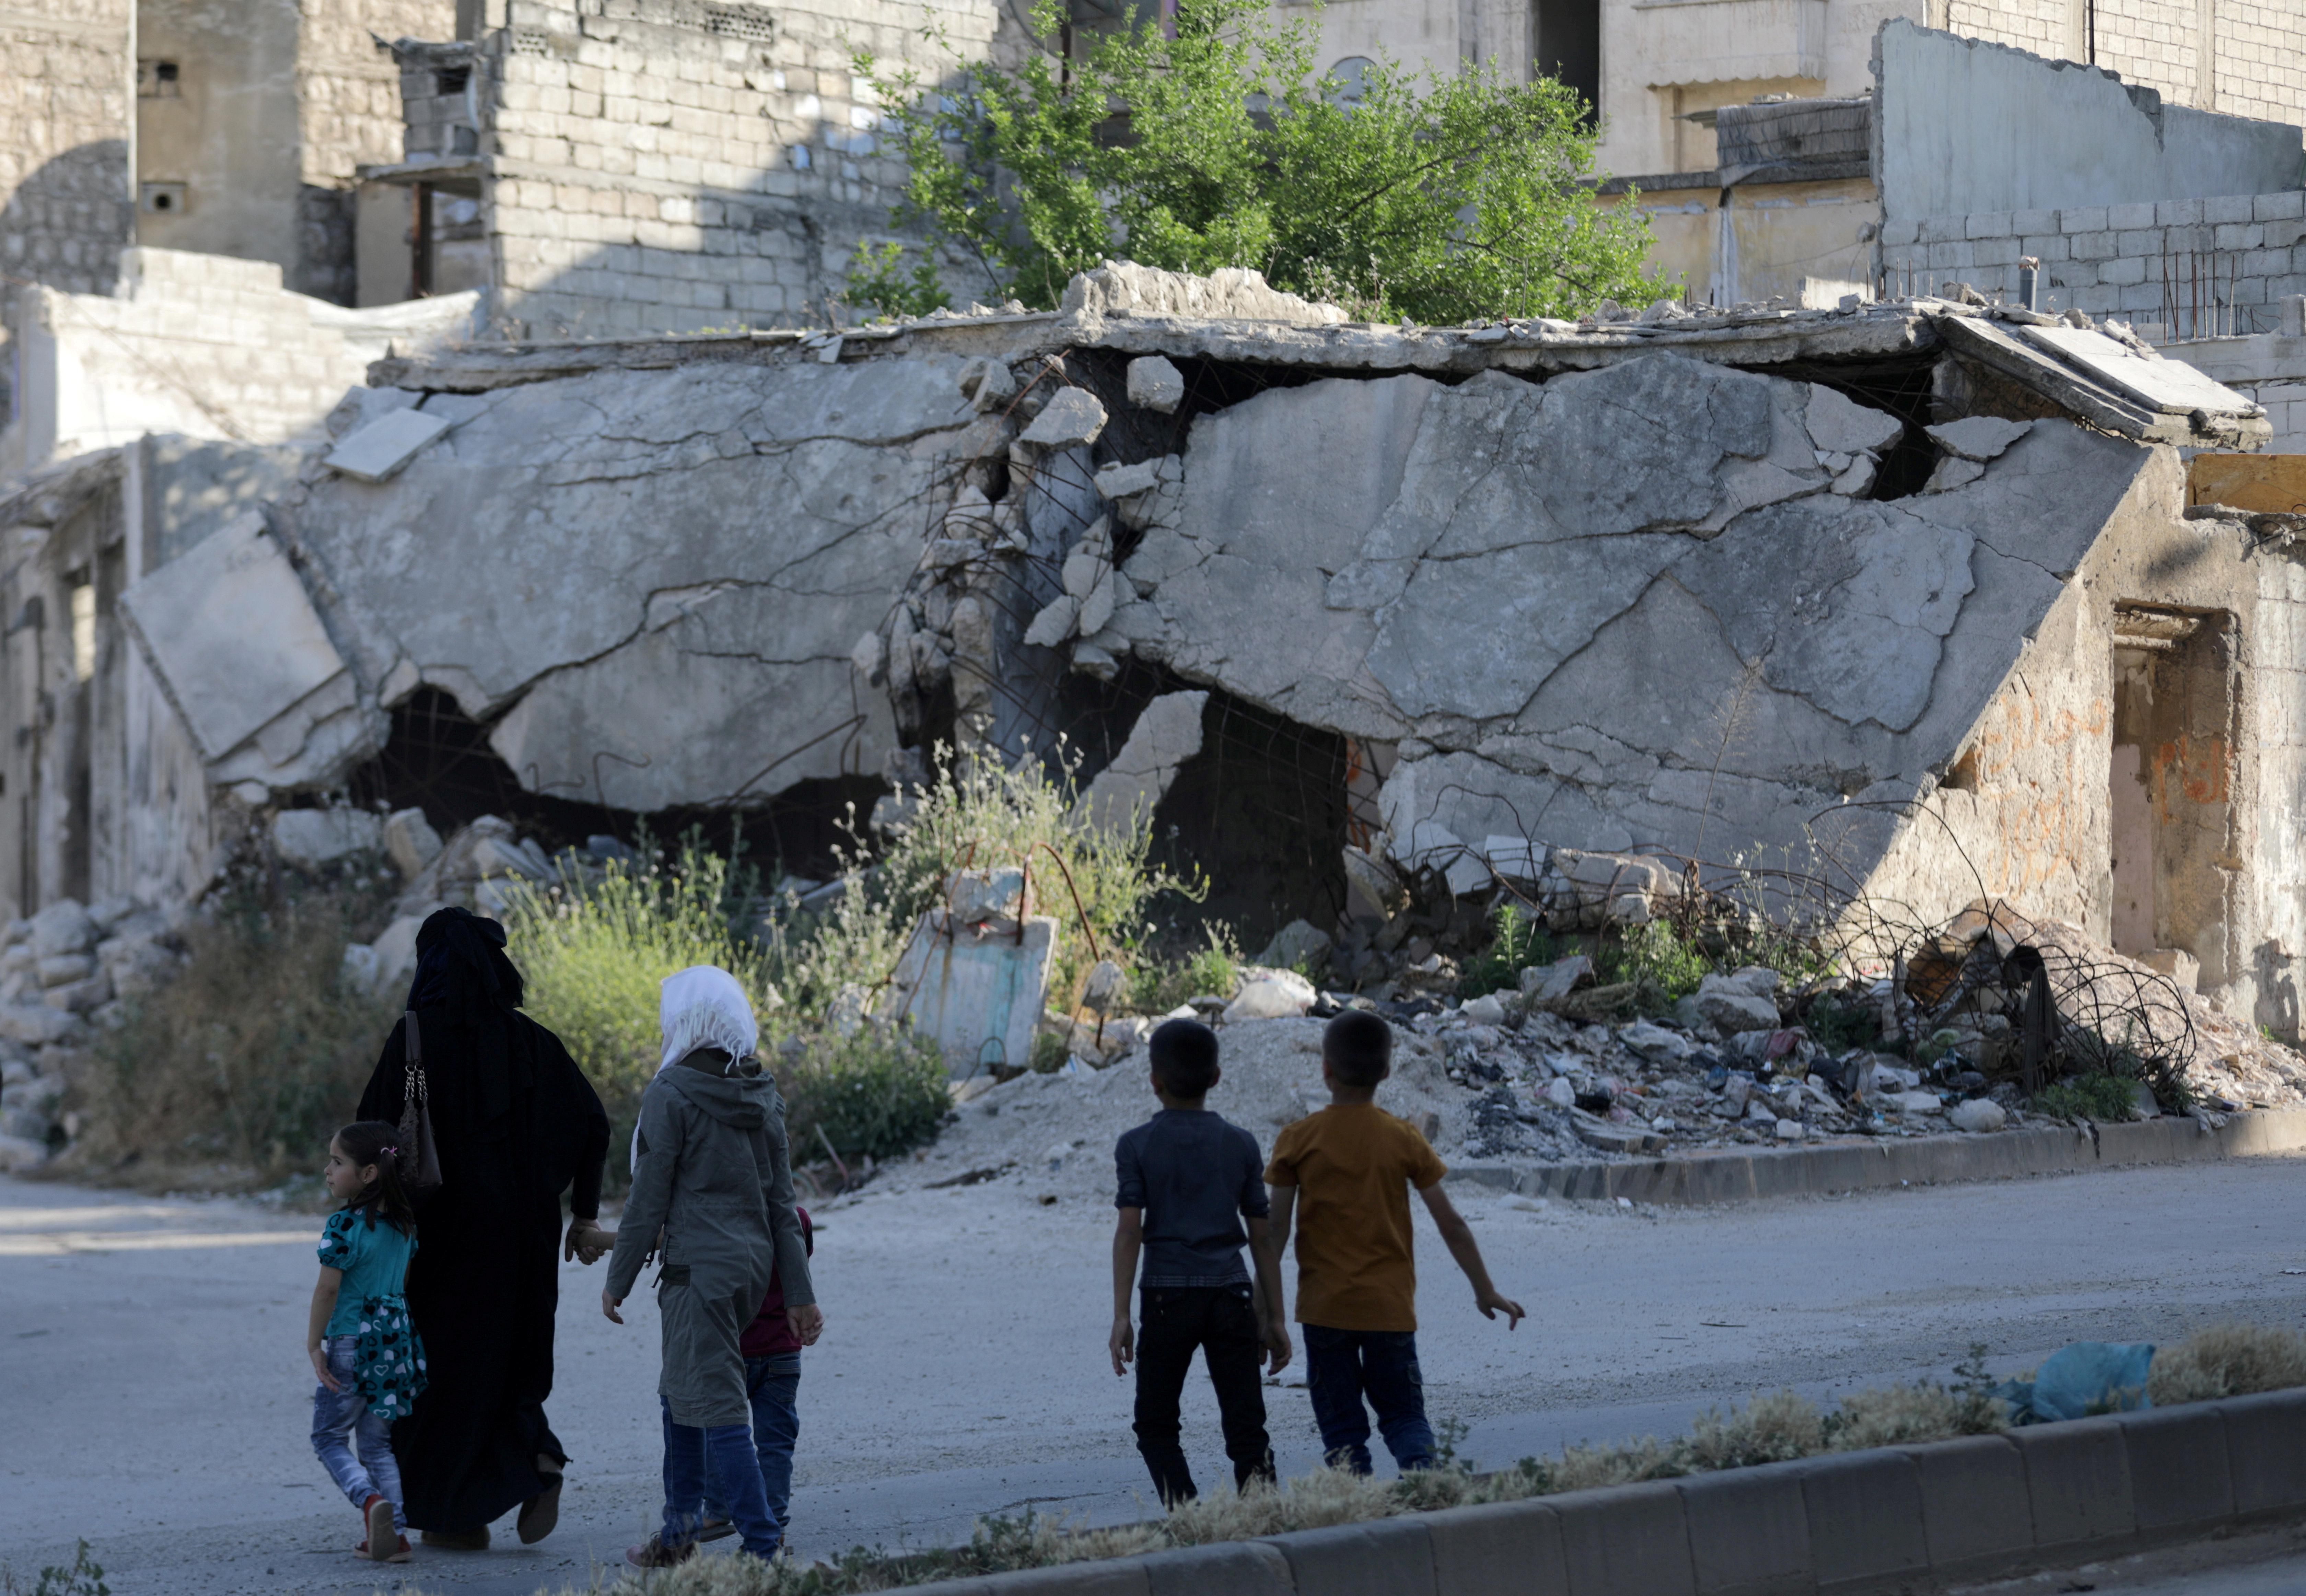 Συρία: Λιγότερο θανατηφόρα χρονιά το 2019 για τη χώρα